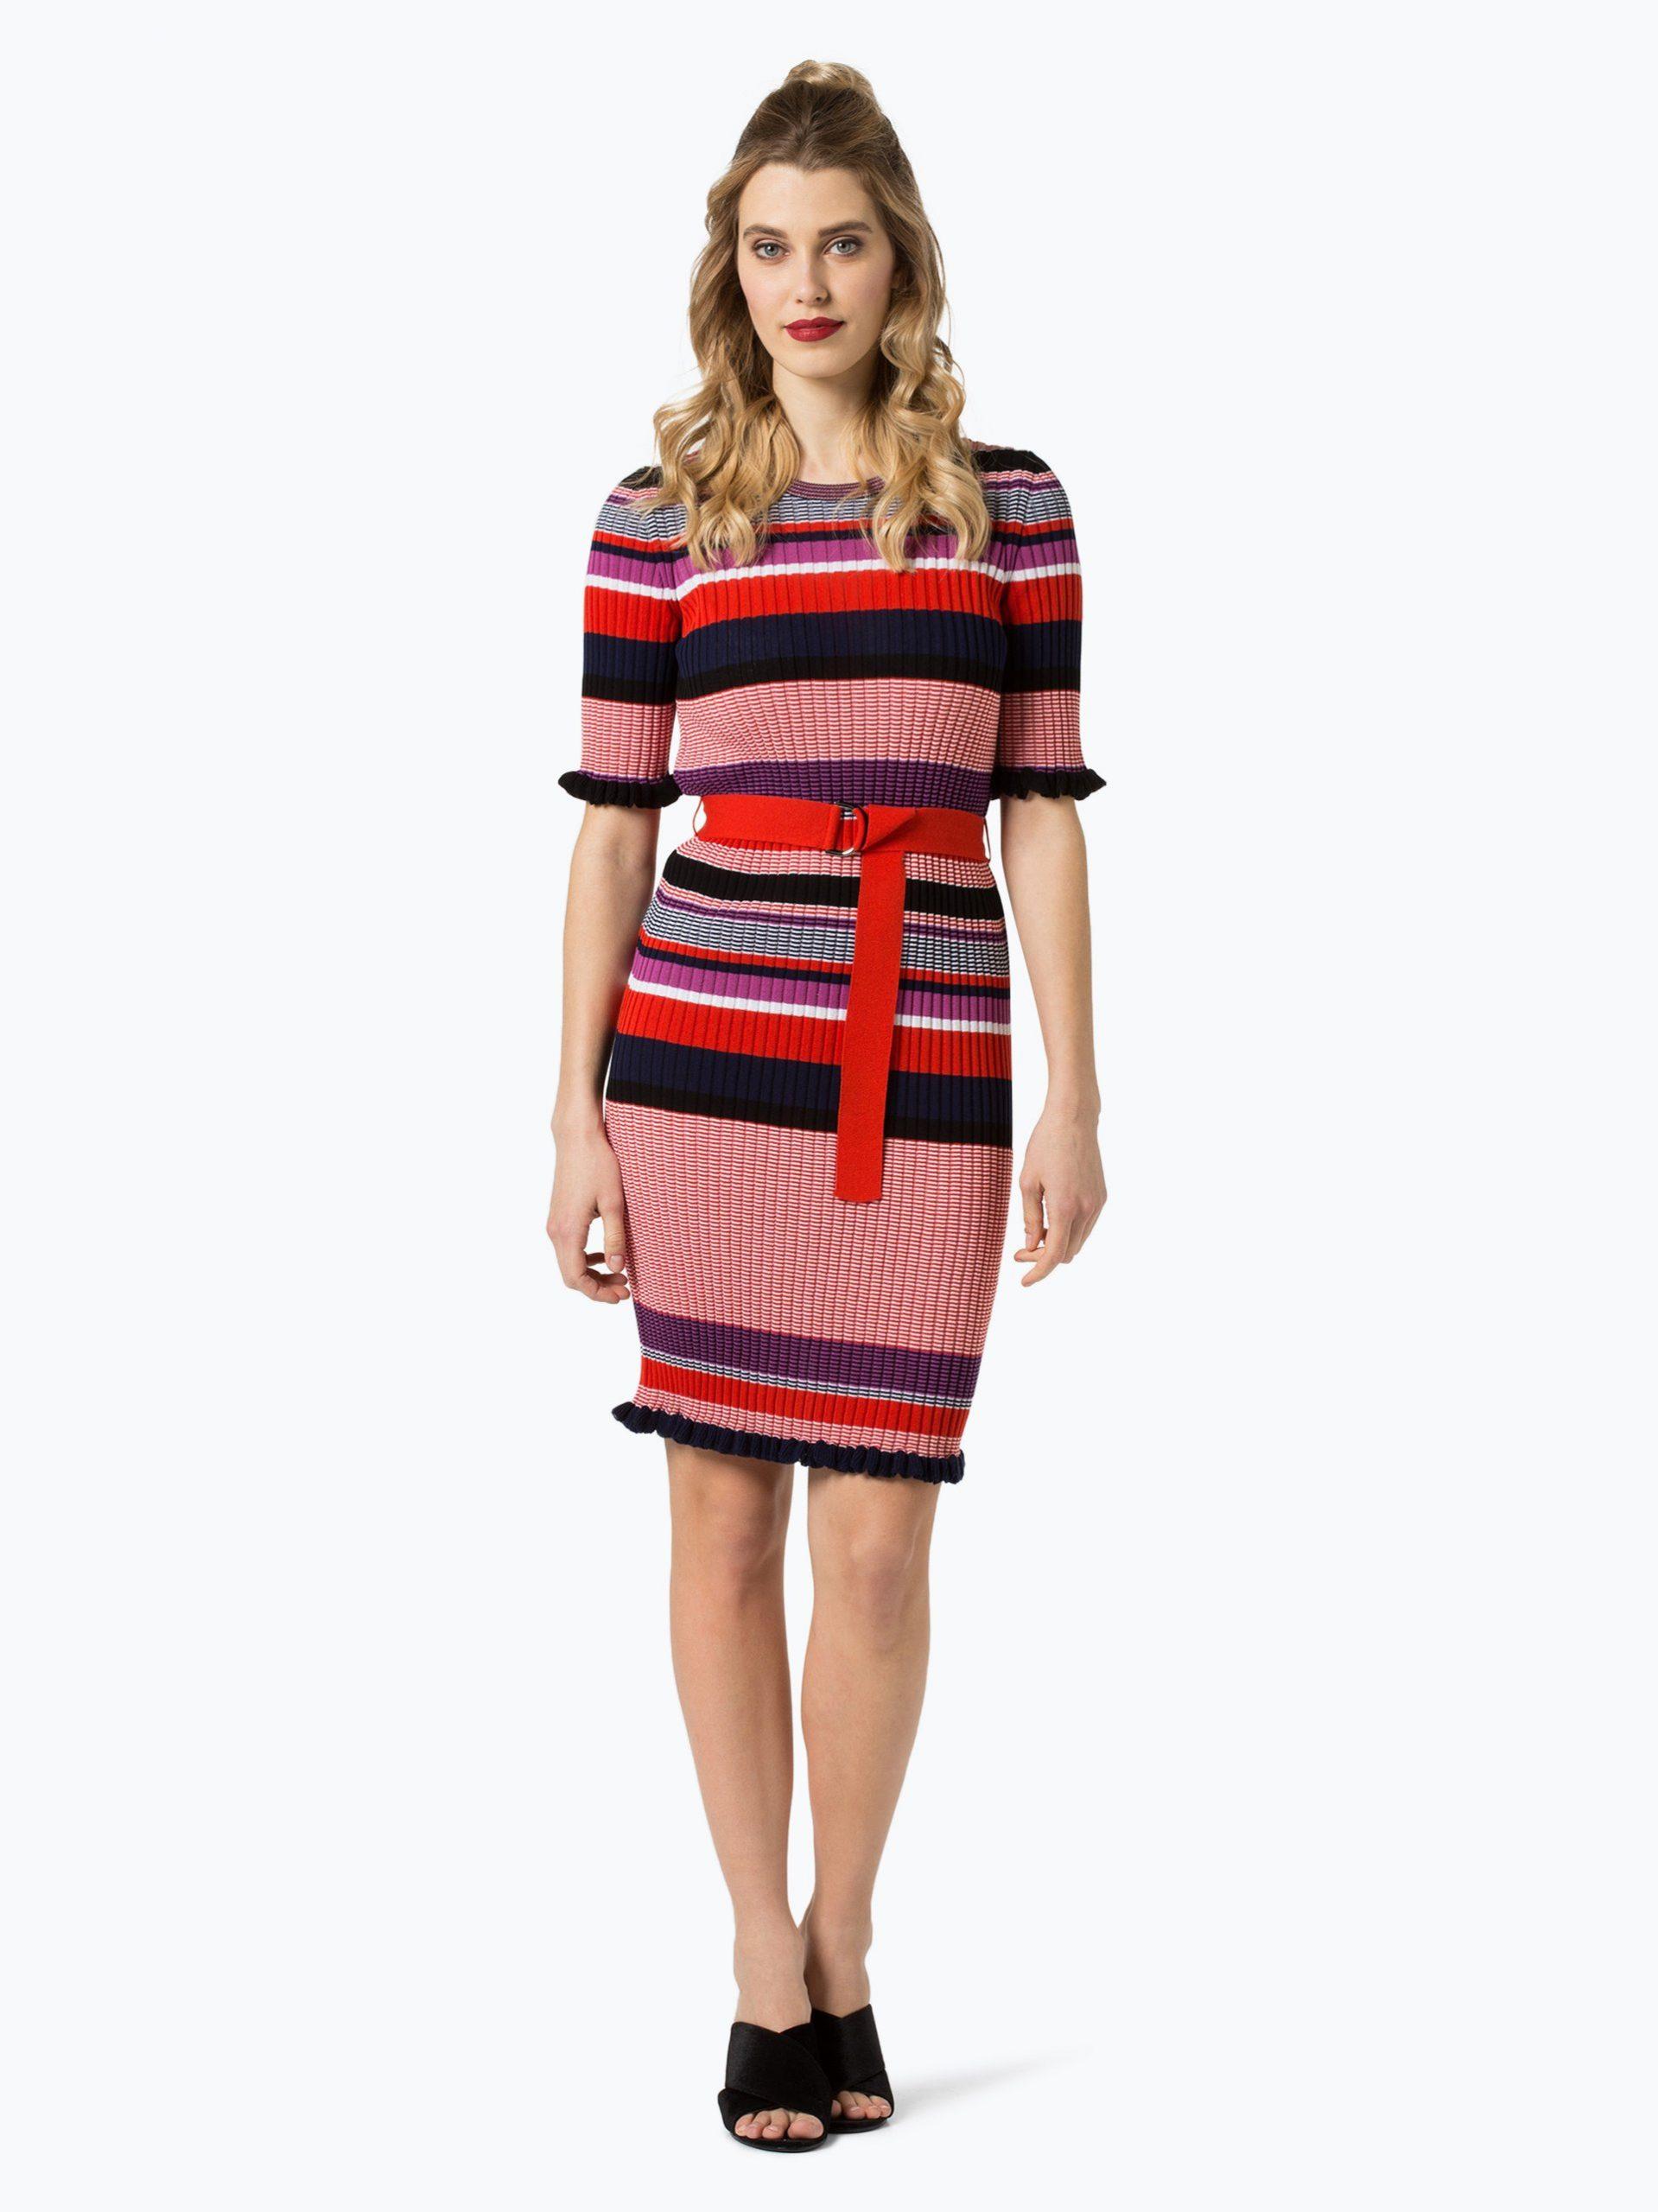 Boss Damen Kleid  Fantonia Online Kaufen  Vangraaf